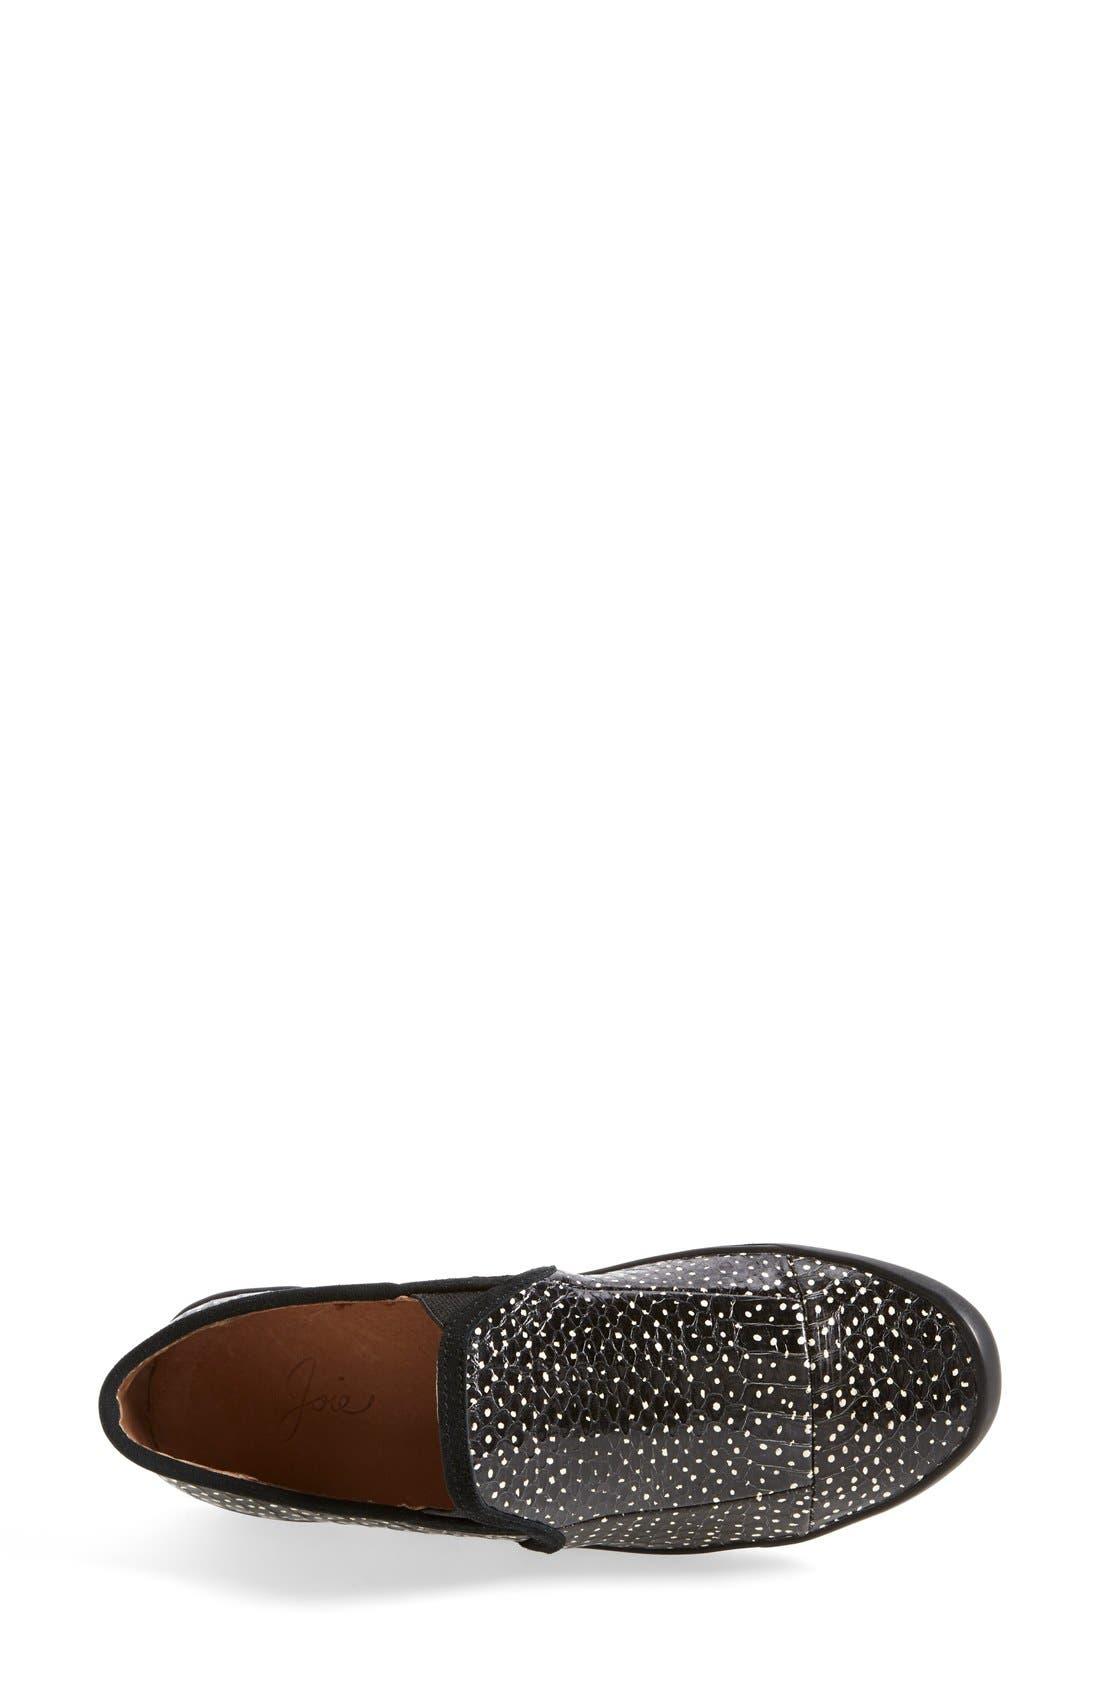 Alternate Image 4  - Joie 'Kidmore' Leather Sneaker (Women)